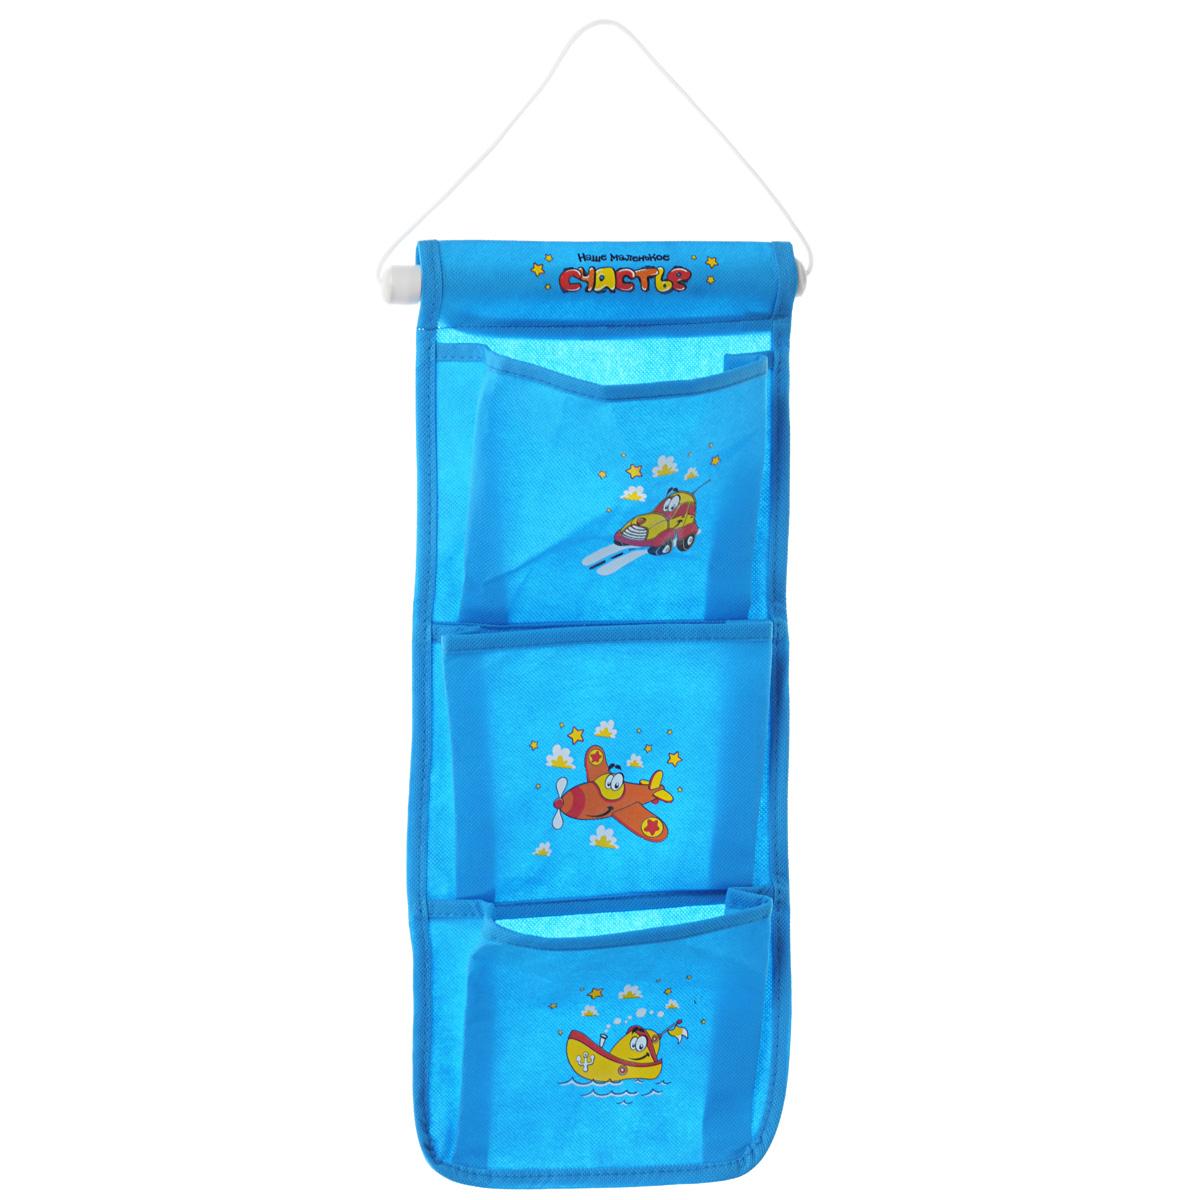 Кармашки на стену Sima-land Для нашего мальчика, цвет: синий, 3 шт74-0120Кармашки на стену Sima-land Для нашего мальчика, изготовленные из текстиля, предназначены для хранения необходимых вещей, множества мелочей в гардеробной, ванной, детской комнатах. Изделие представляет собой текстильное полотно с тремя пришитыми кармашками. Благодаря пластиковой планке и шнурку, кармашки можно подвесить на стену или дверь в необходимом для вас месте.Кармашки декорированы изображениями машинки, самолета и парохода.Этот нужный предмет может стать одновременно и декоративным элементом комнаты. Яркий дизайн, как ничто иное, способен оживить интерьер вашего дома.